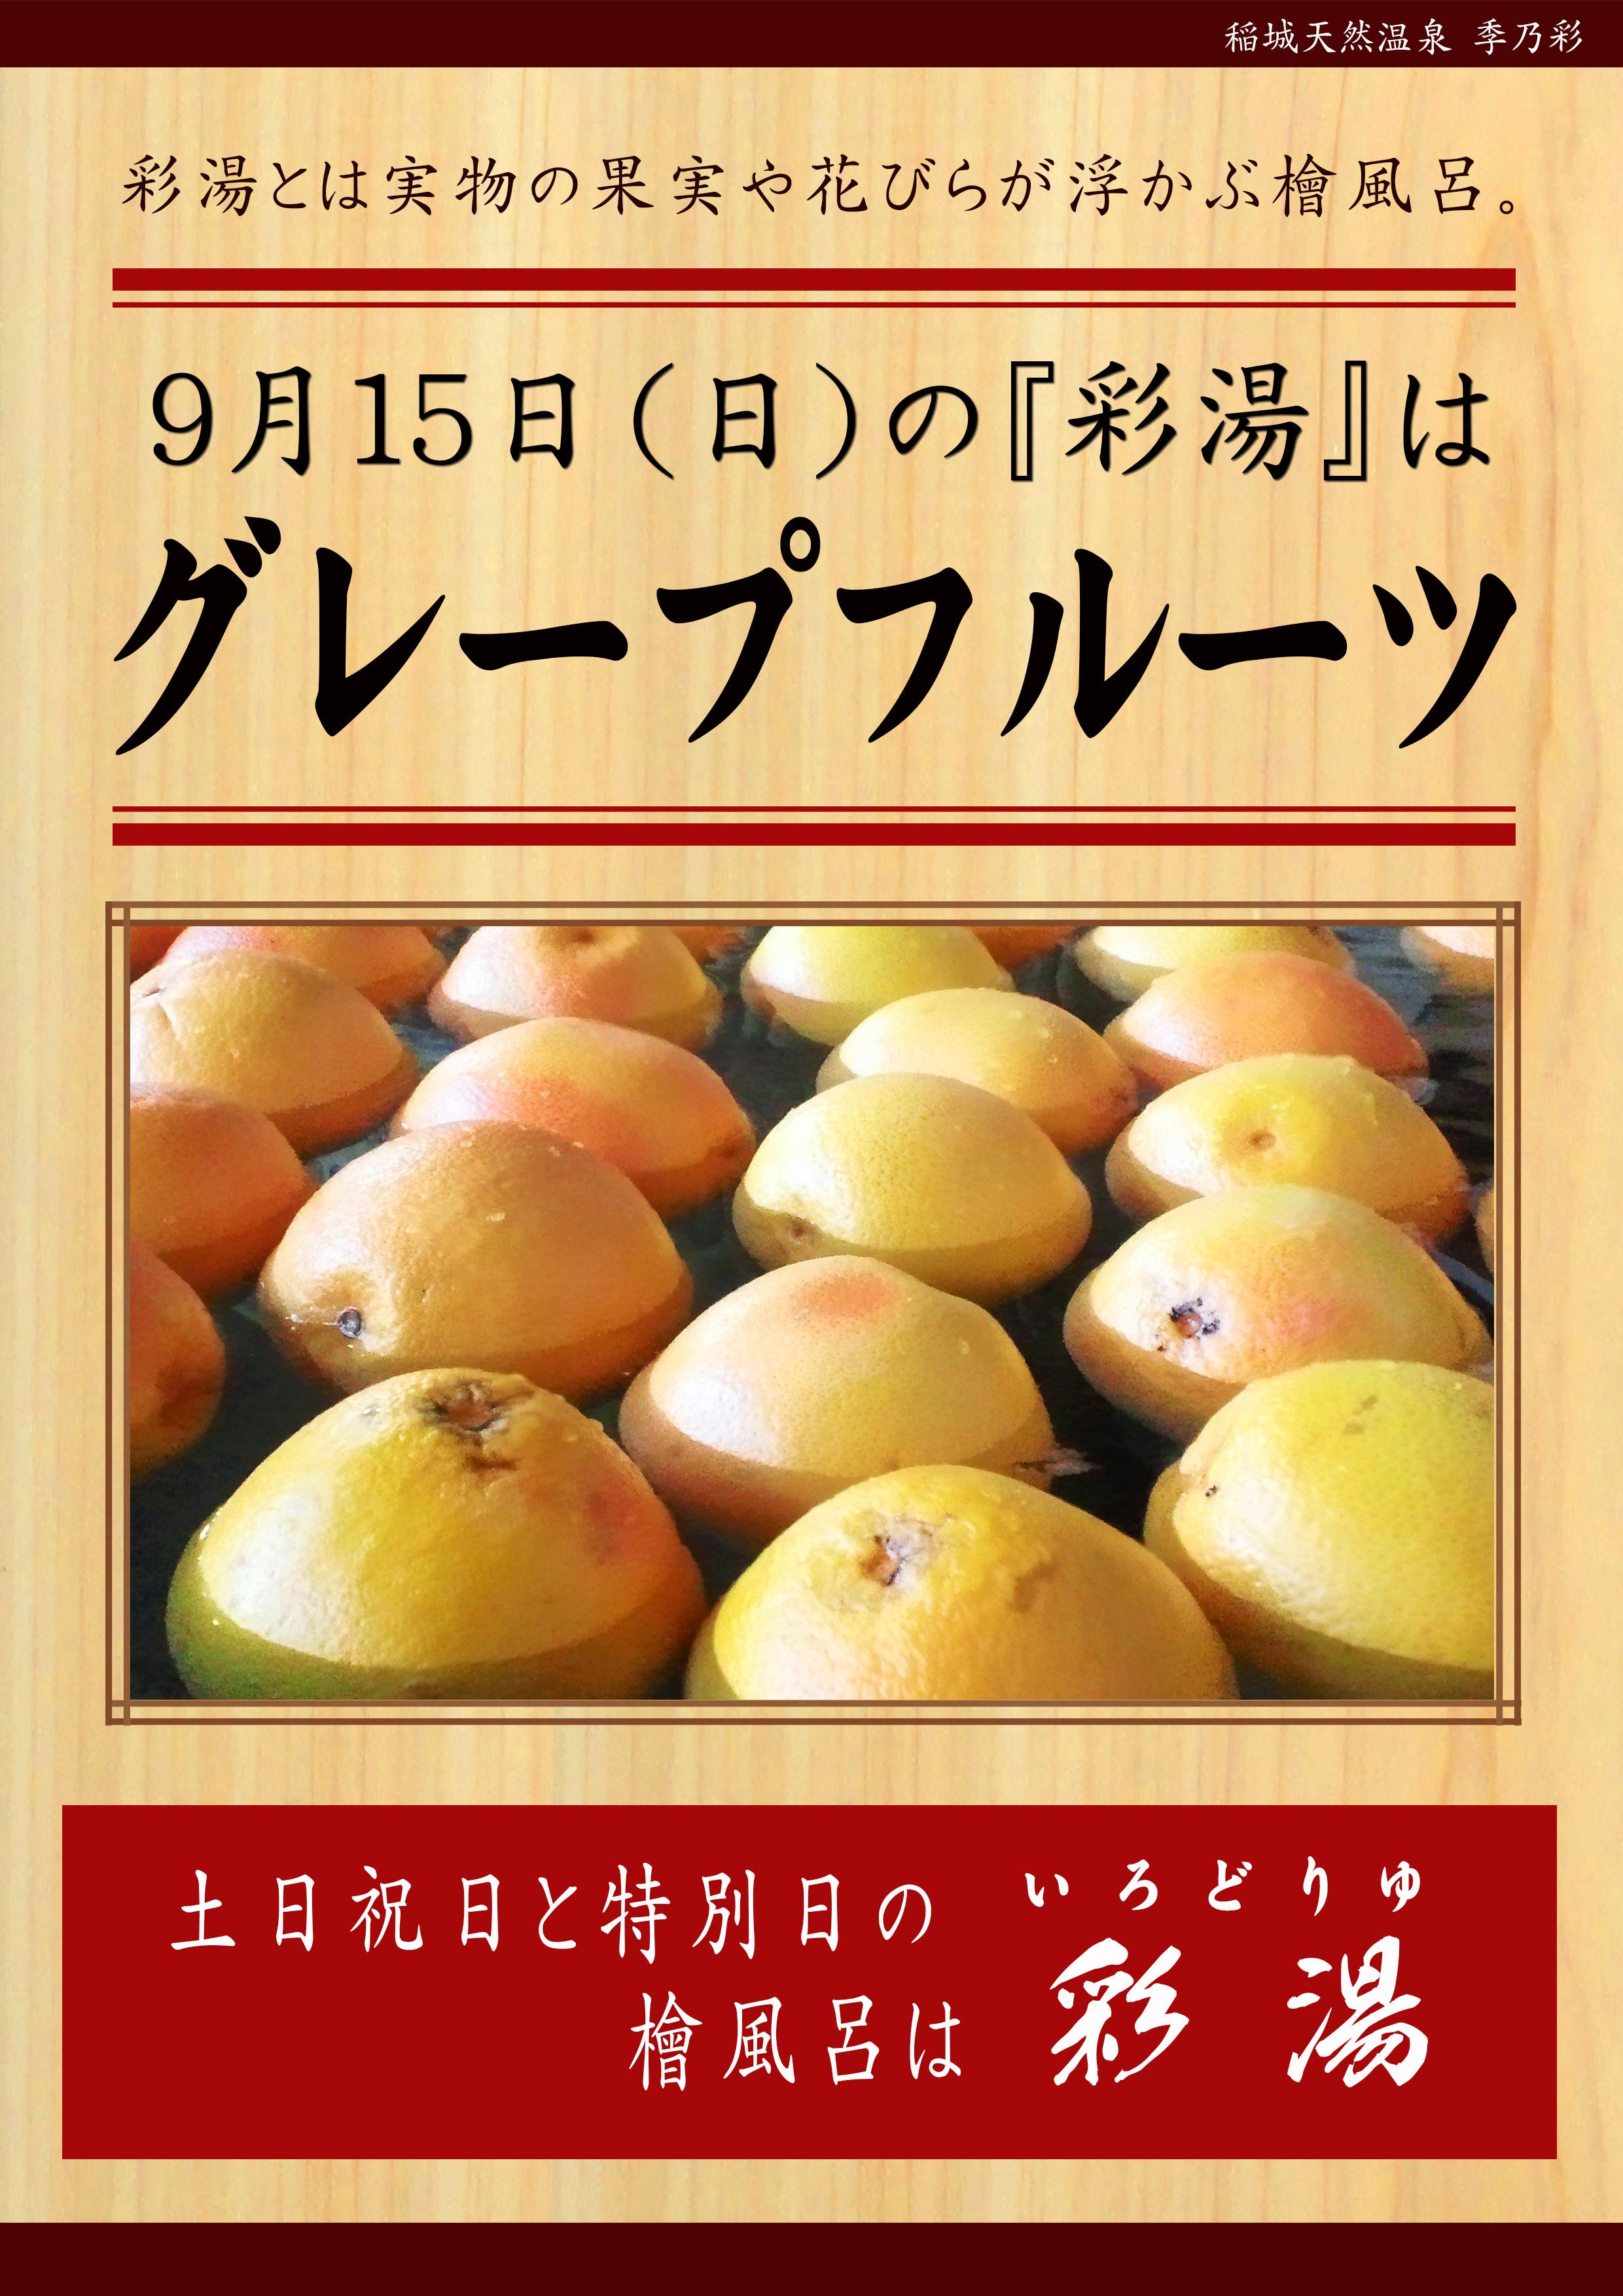 190915 彩湯 グレープフルーツ